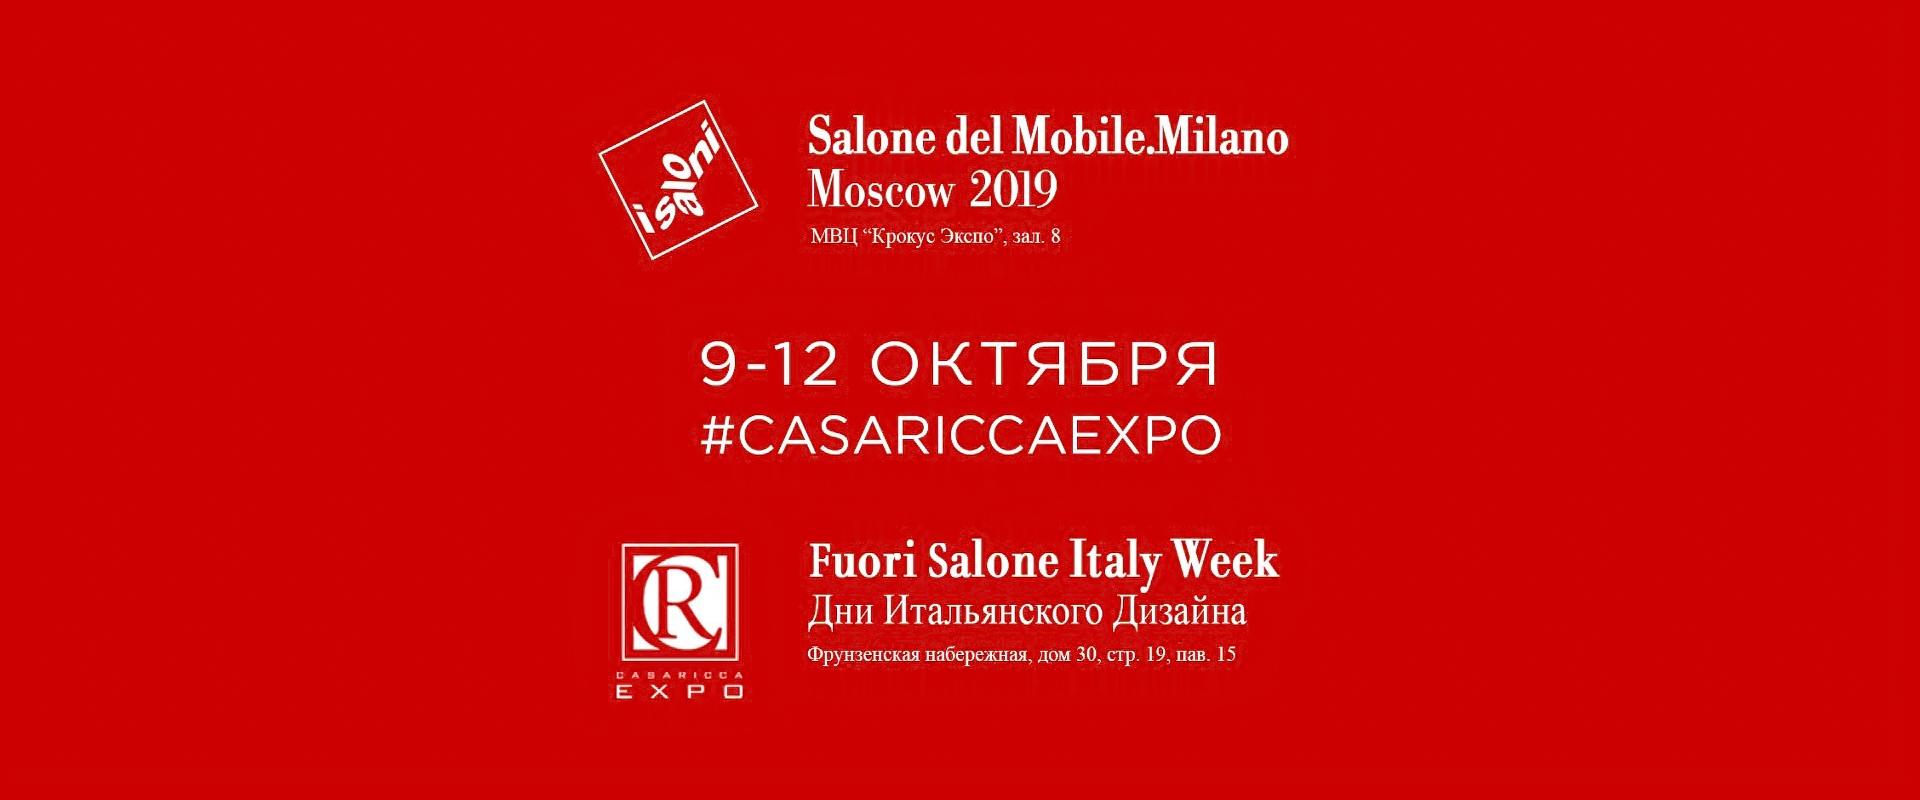 Salone del Mobile Milano-Mosca & CASA RICCA EXPO - 9-12 Ottobre 2019